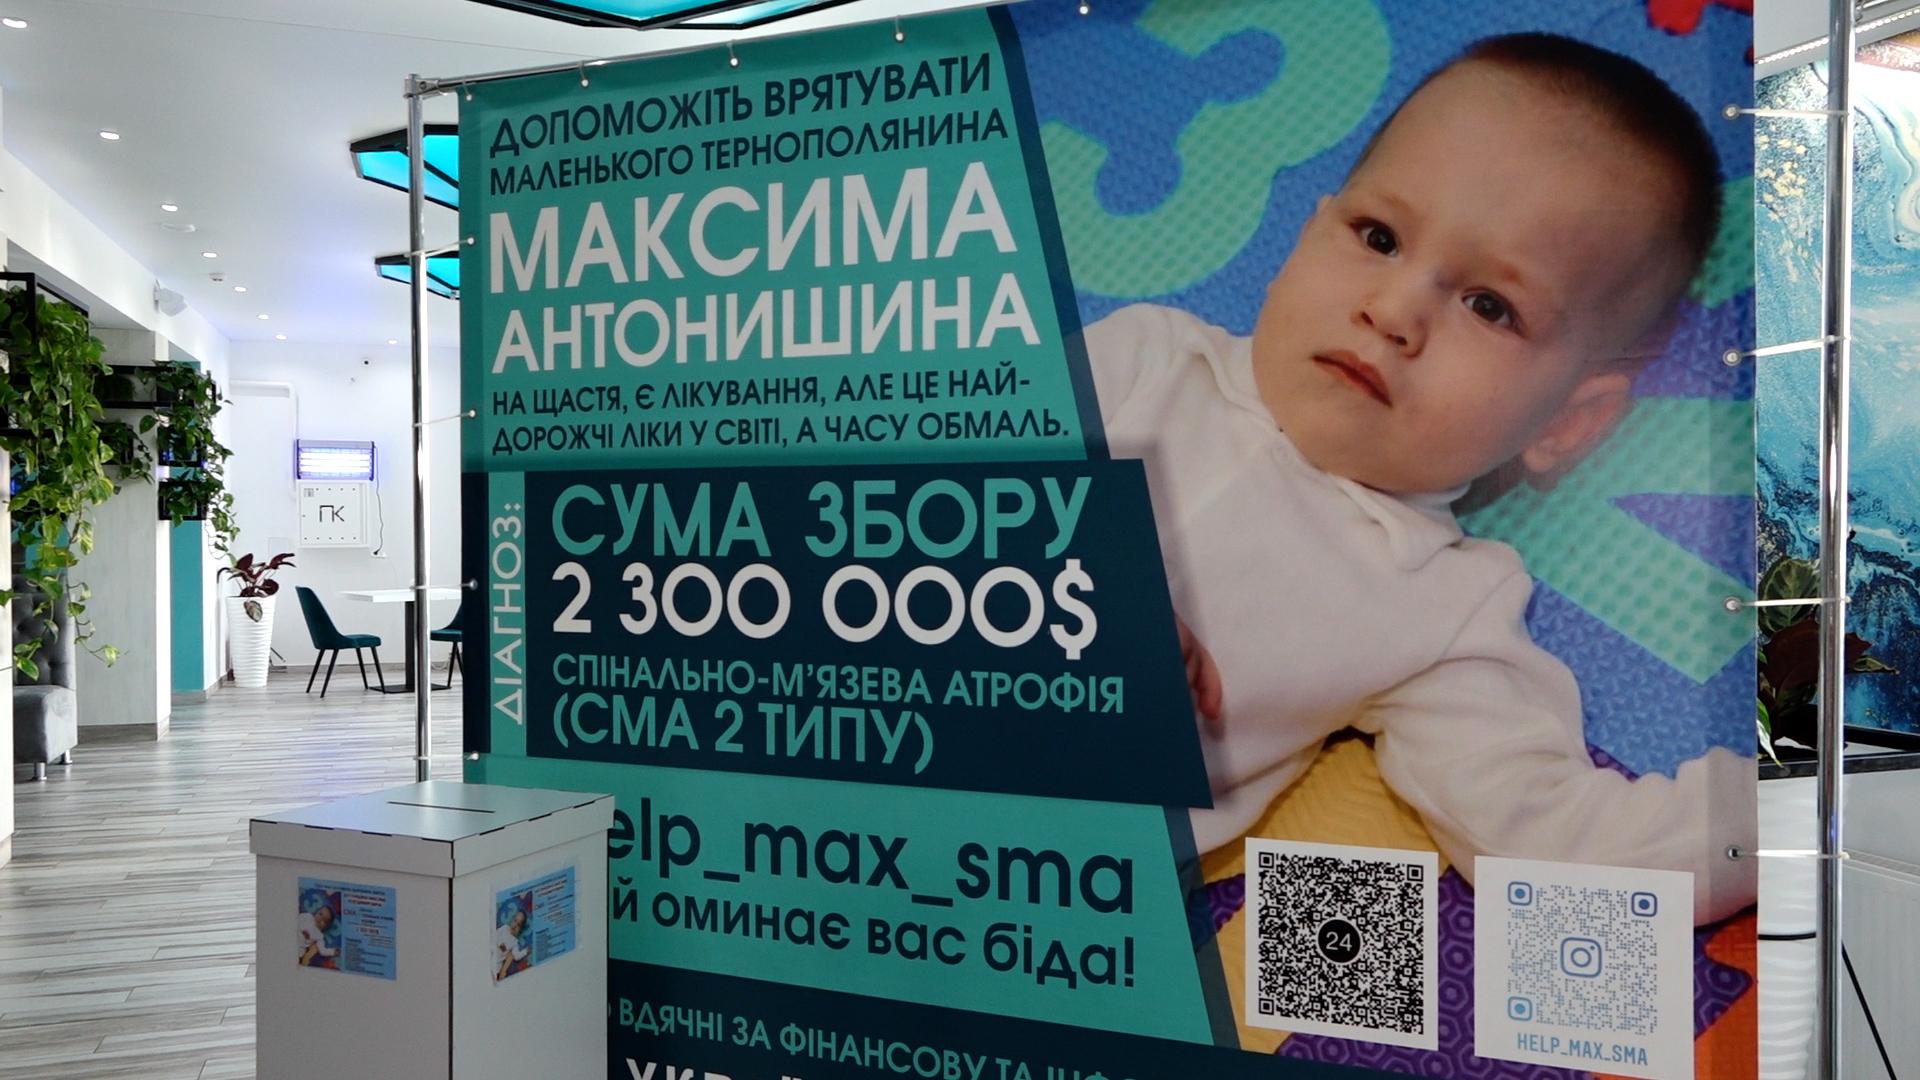 Зібрали лише 15%: триває збір коштів на лікування Максимка з Тернополя, який хворіє СМА